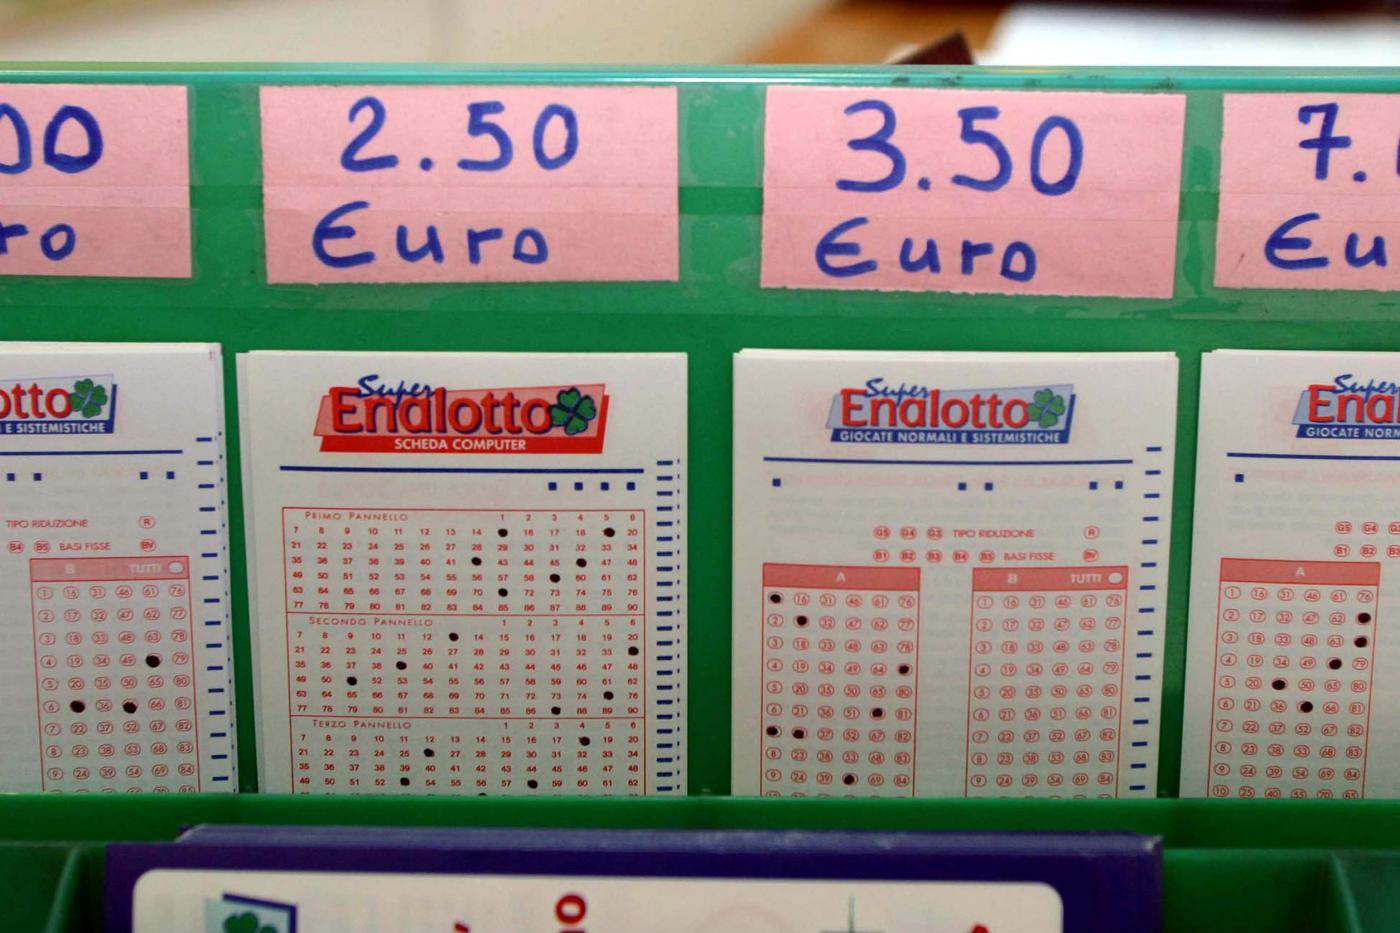 Fase due, Lotto e Superenalotto (ma non solo) tornano dal 4 maggio